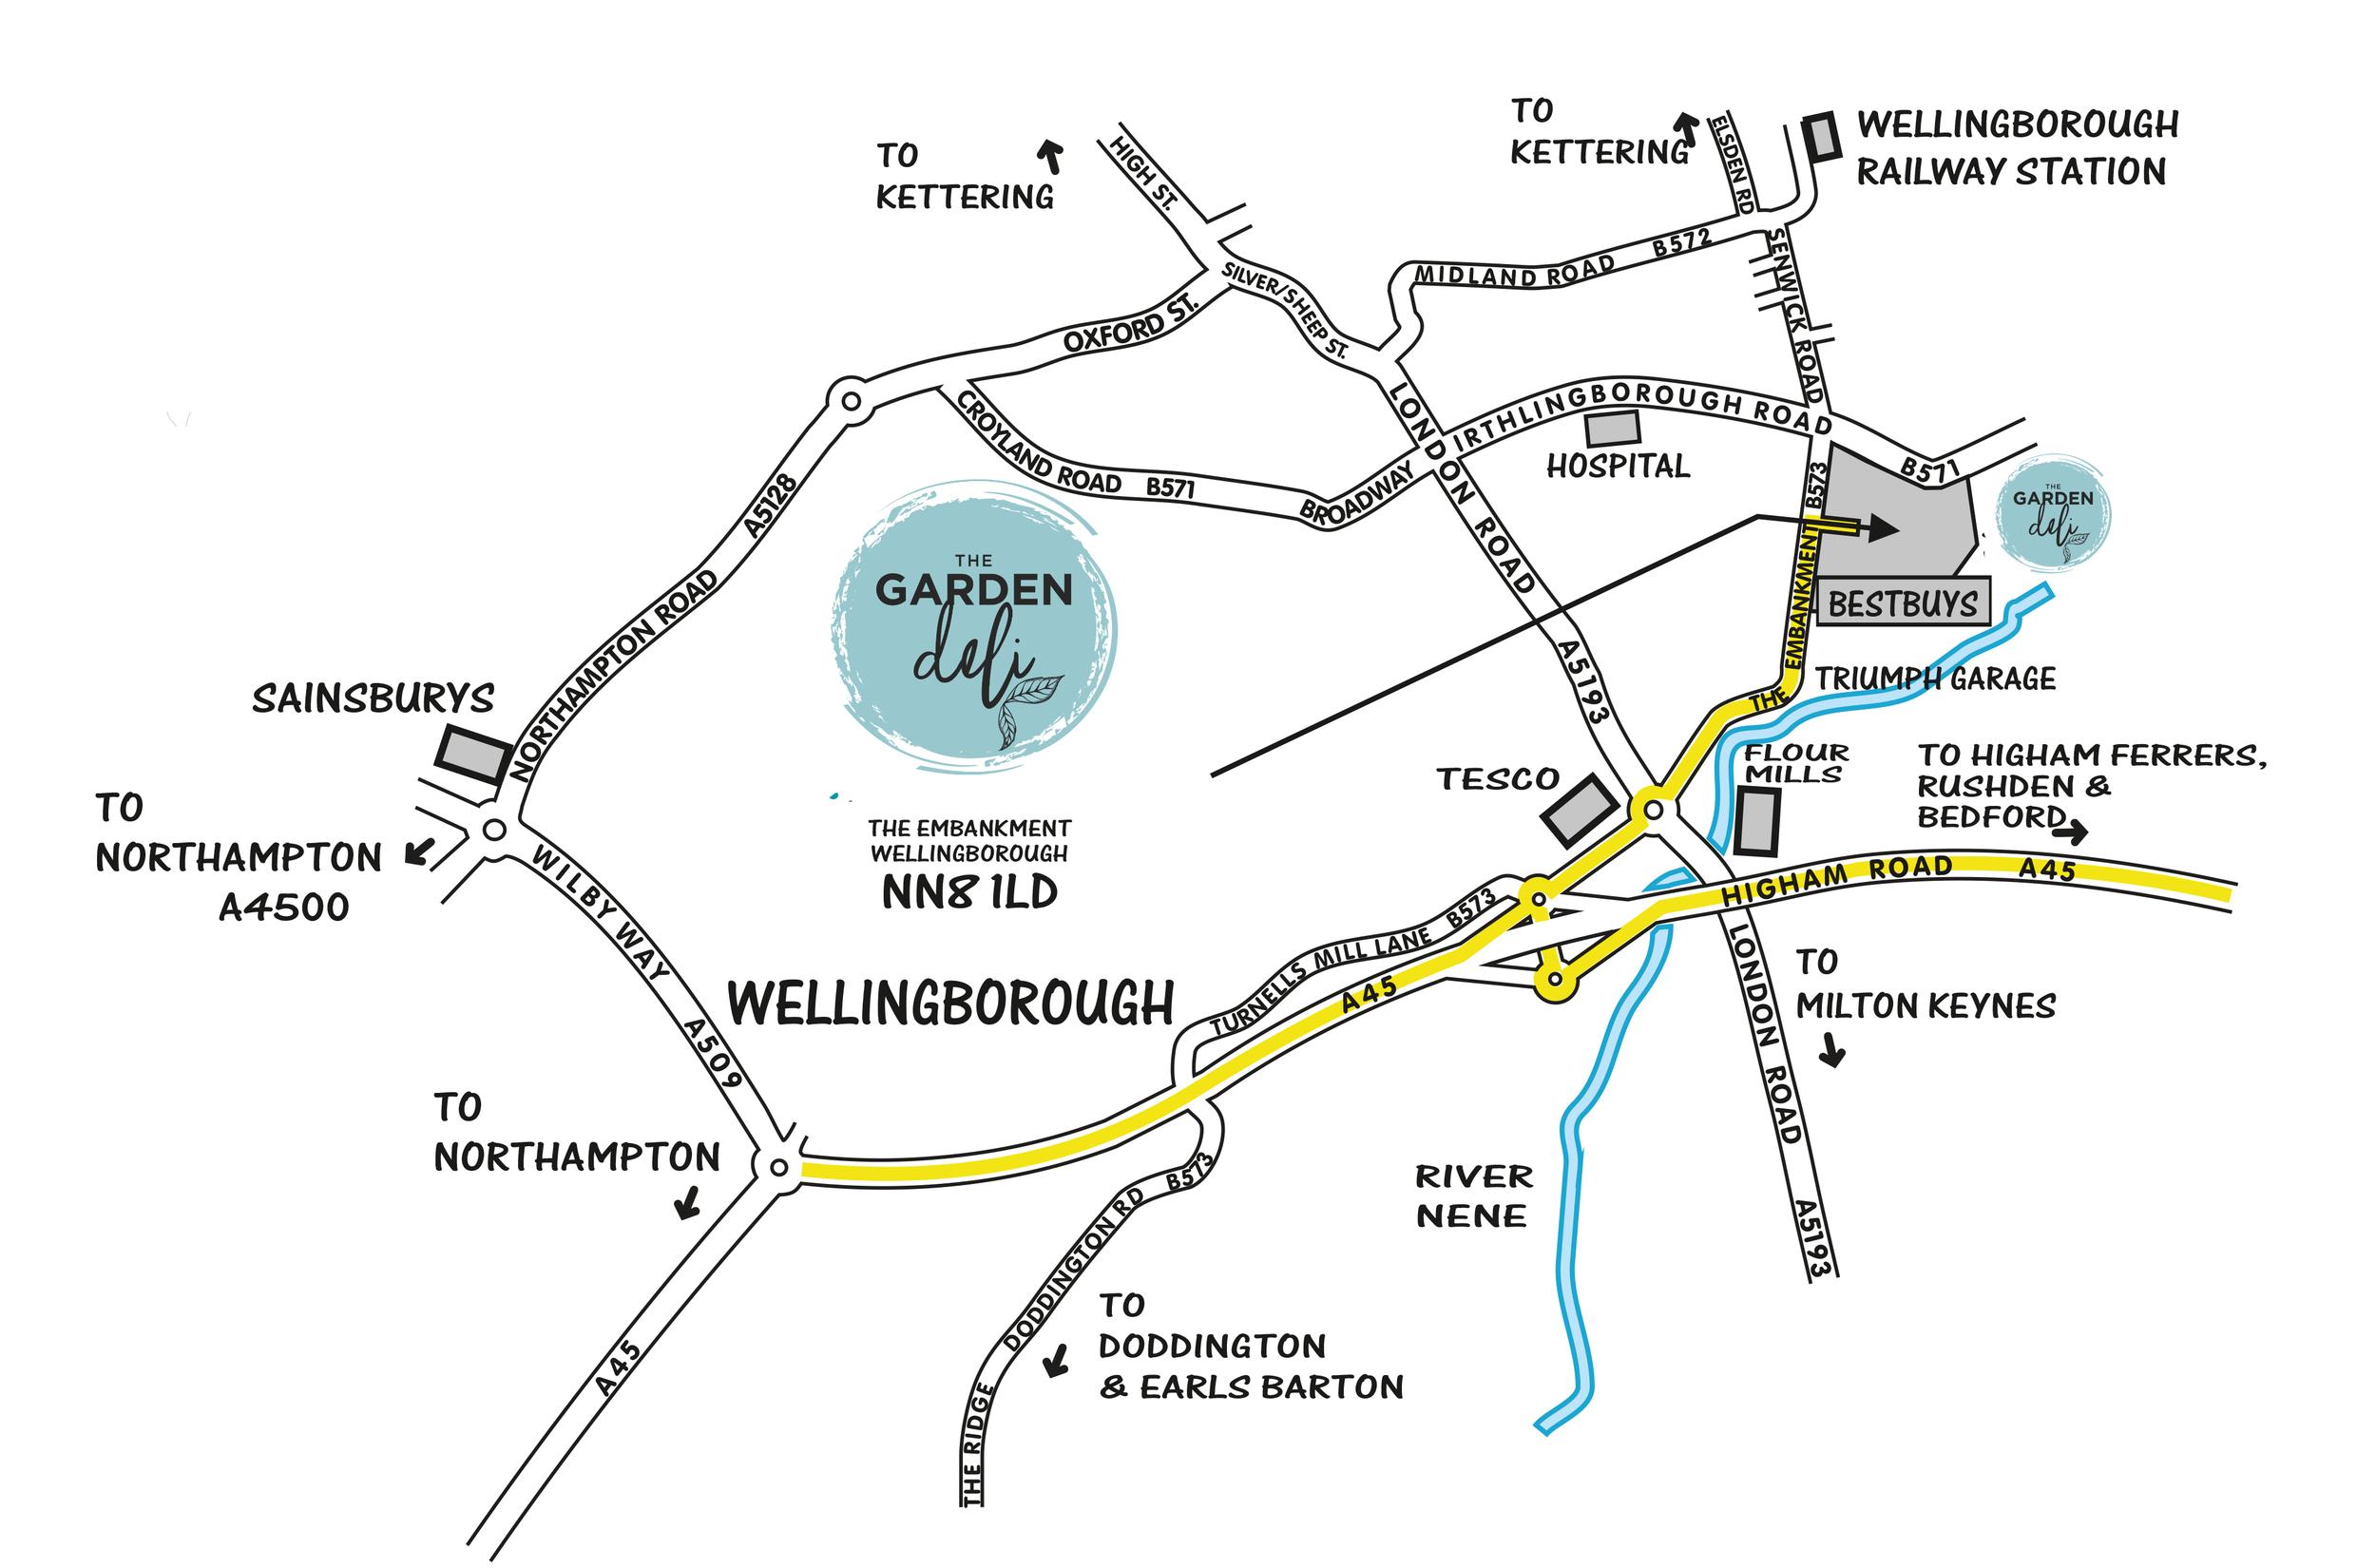 garden deli map.png